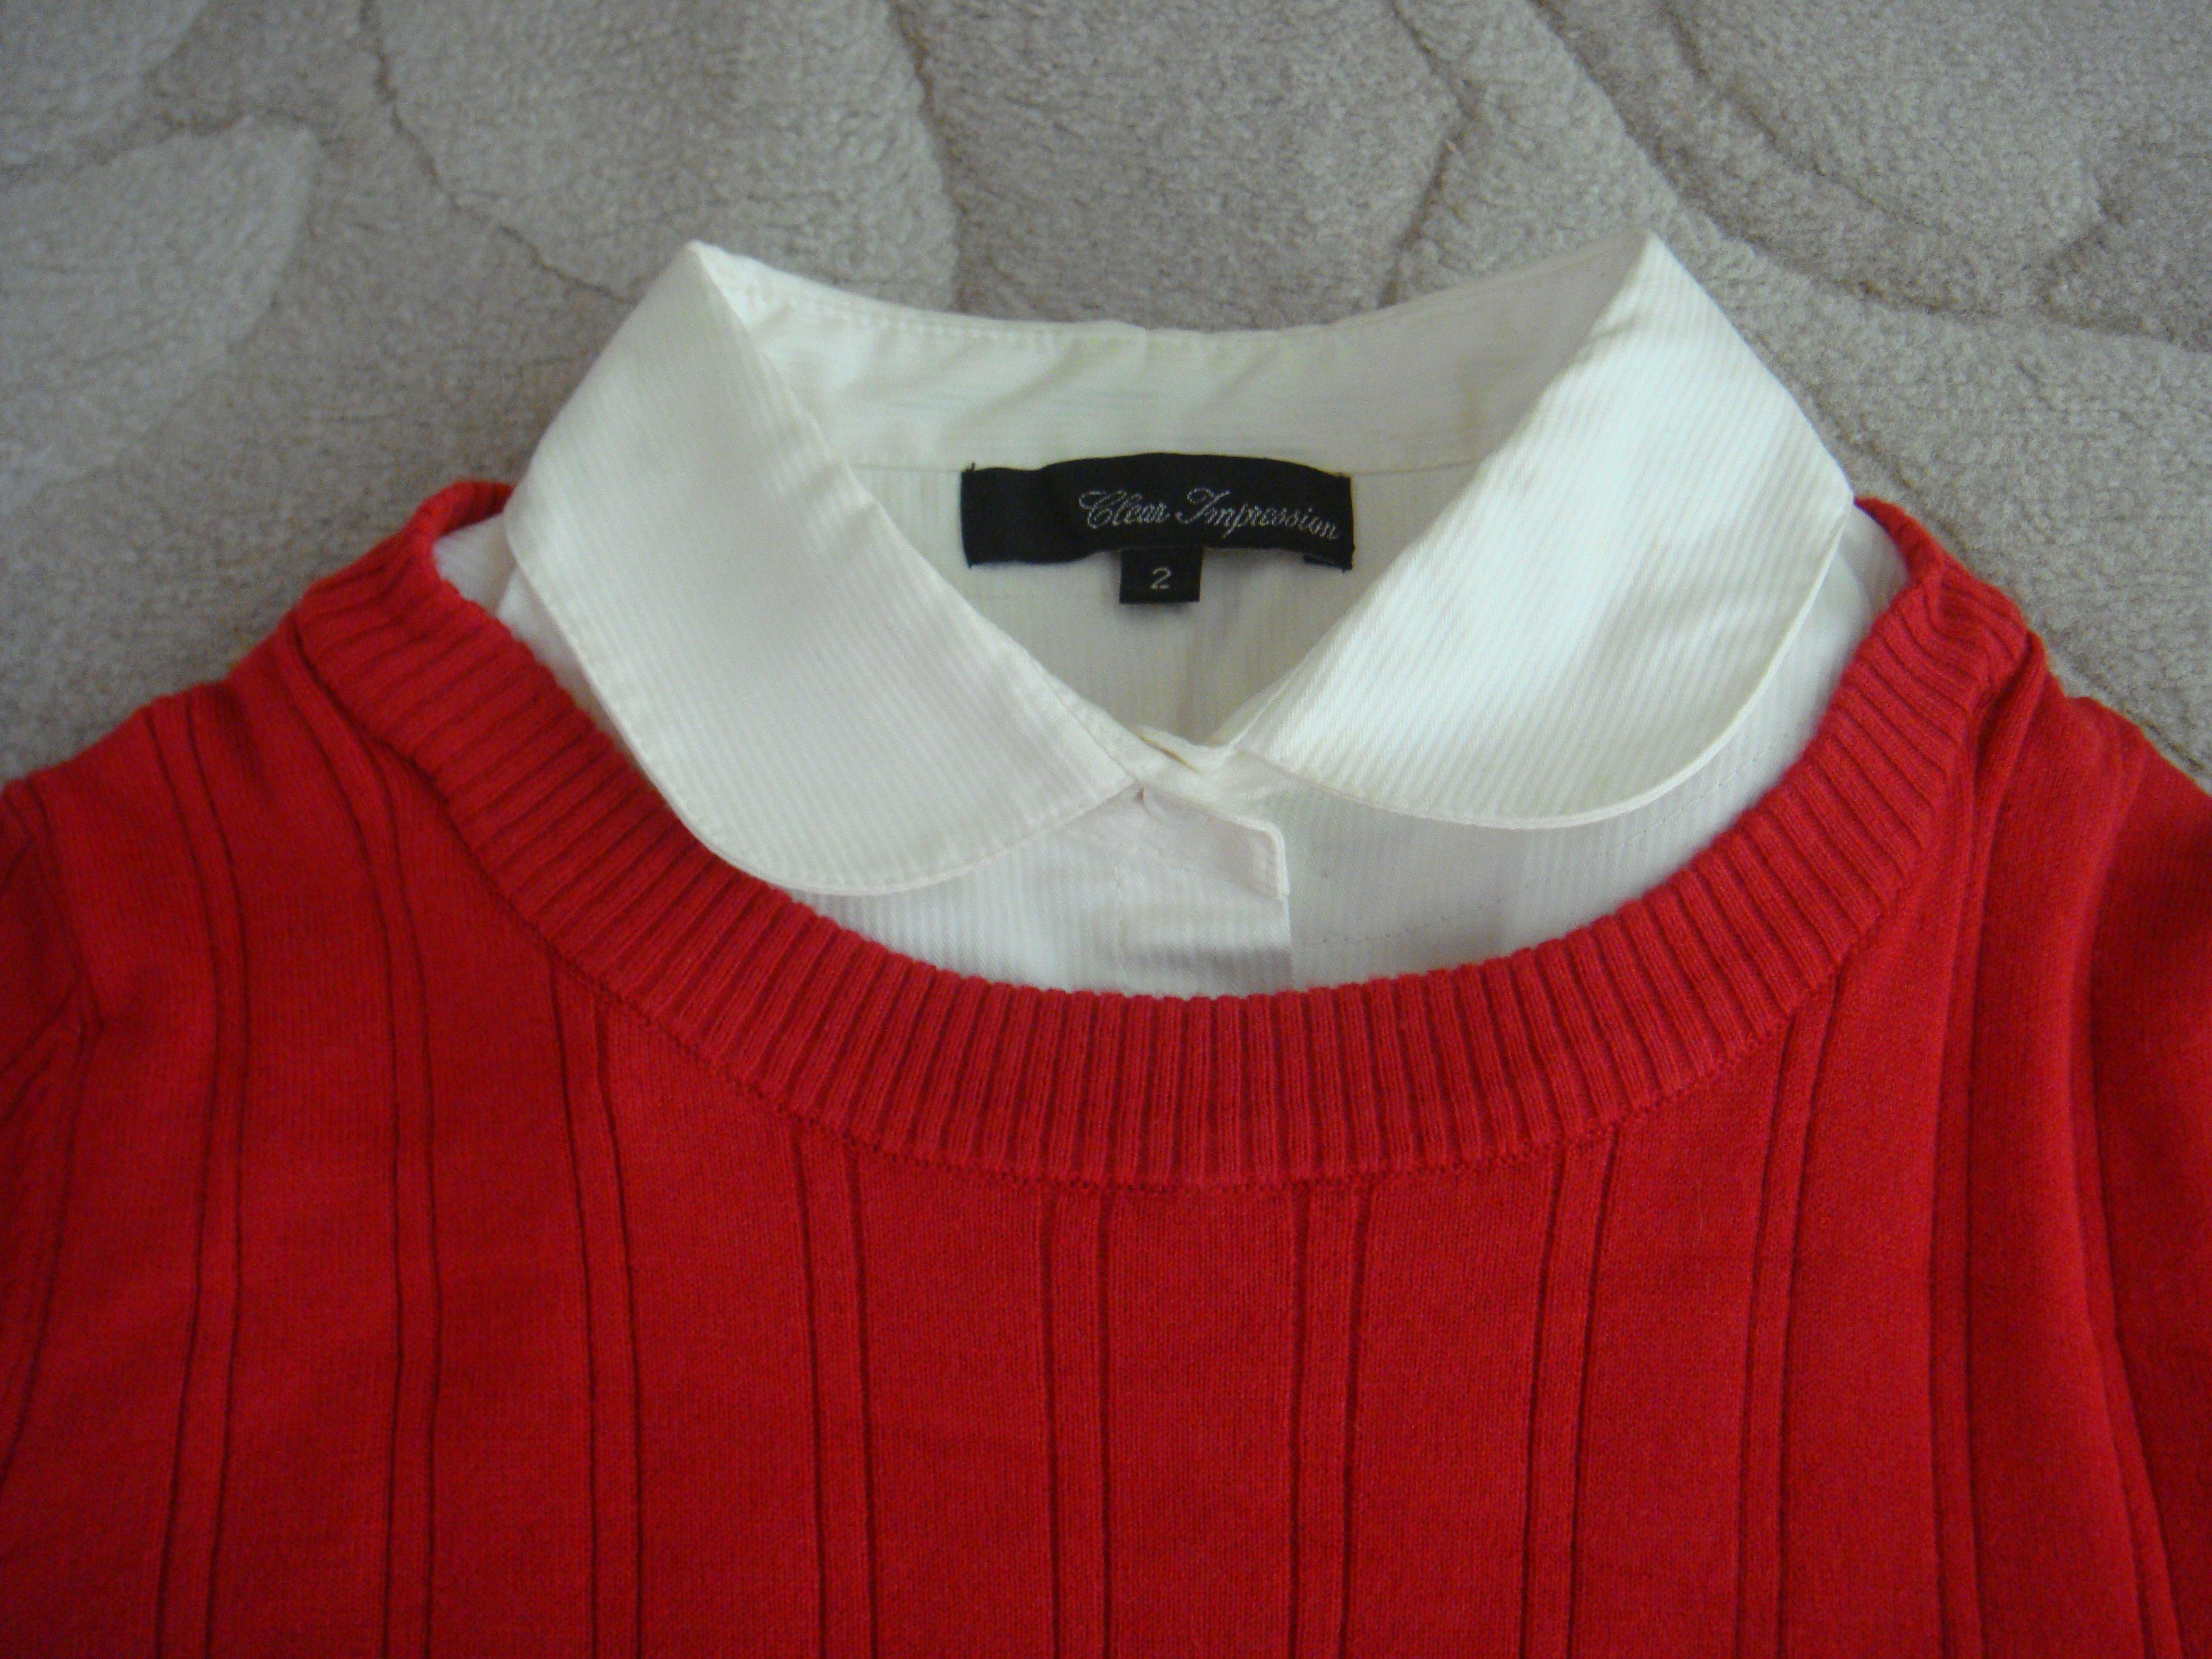 日本品牌clear impression紅色白領美衣 〈2〉 竇騰璜 張李玉菁 gracy 組曲 23 區 可參考